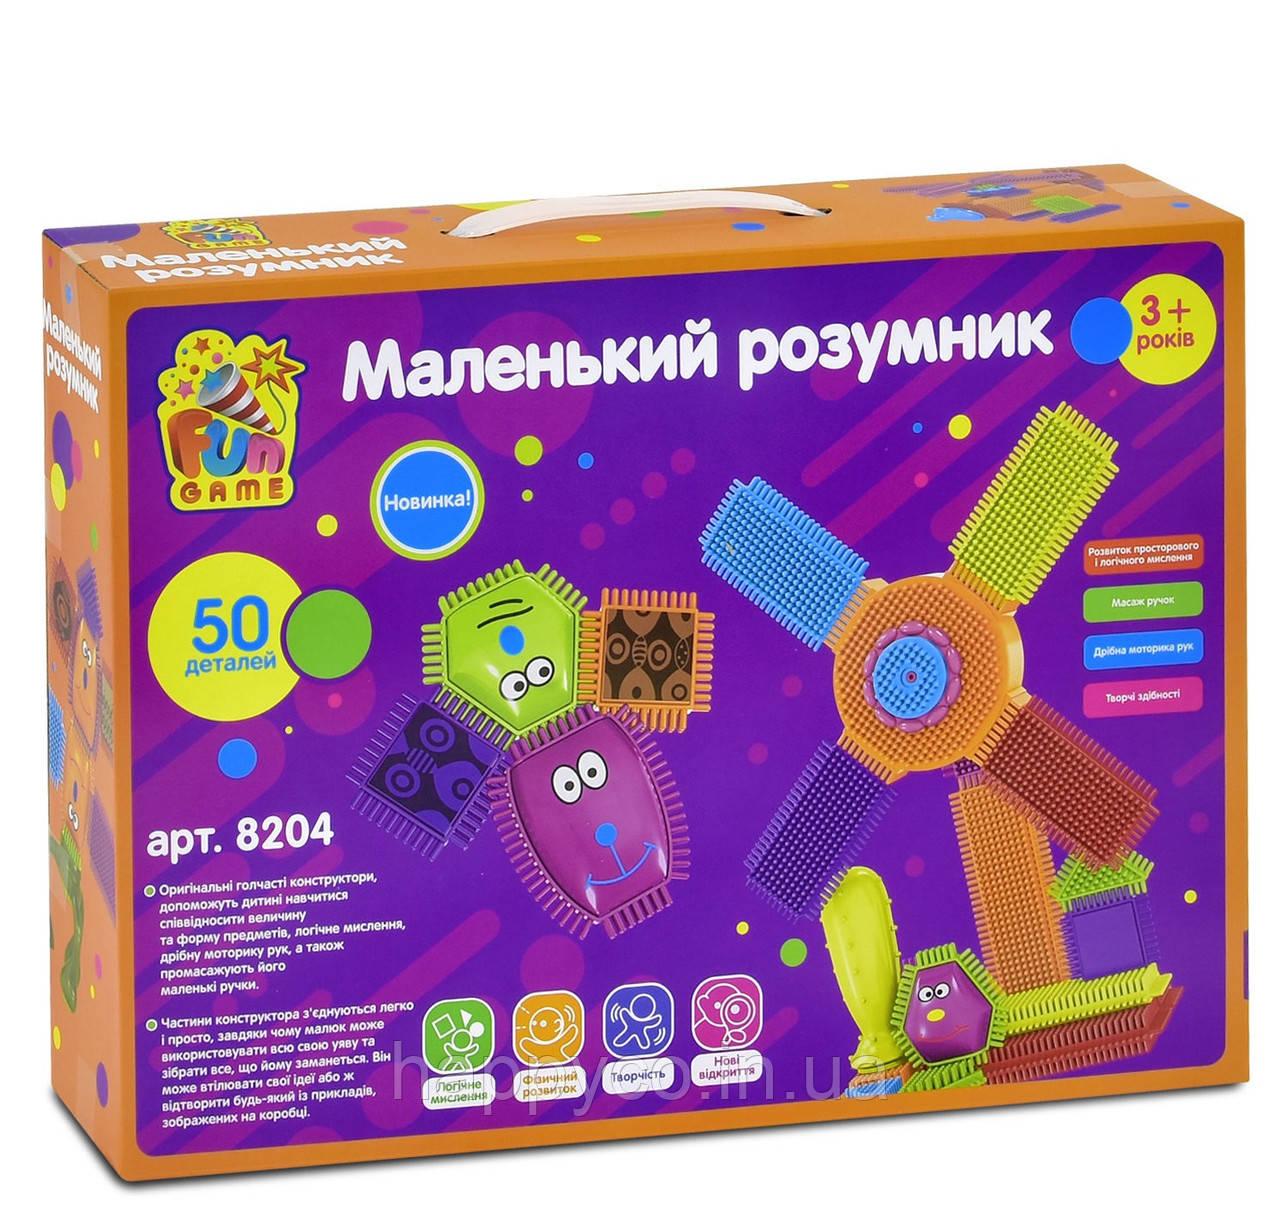 """Детский конструктор игольчатый """"Маленький Розумник"""" 50 деталей, в коробке """"FUN GAME"""""""